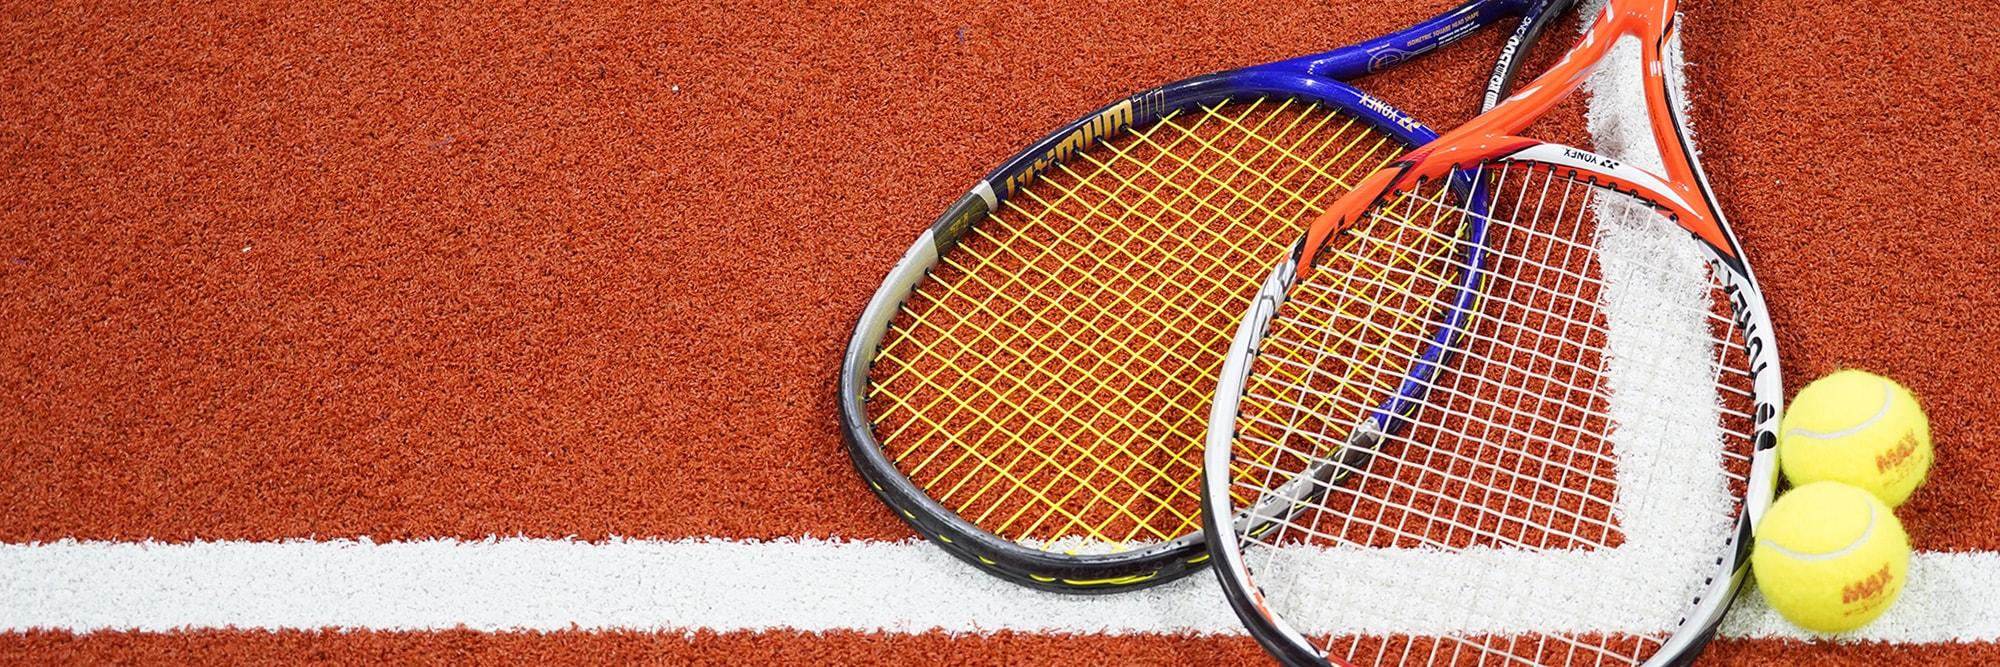 長野市ほめるインドアテニススクール 校長の独り言